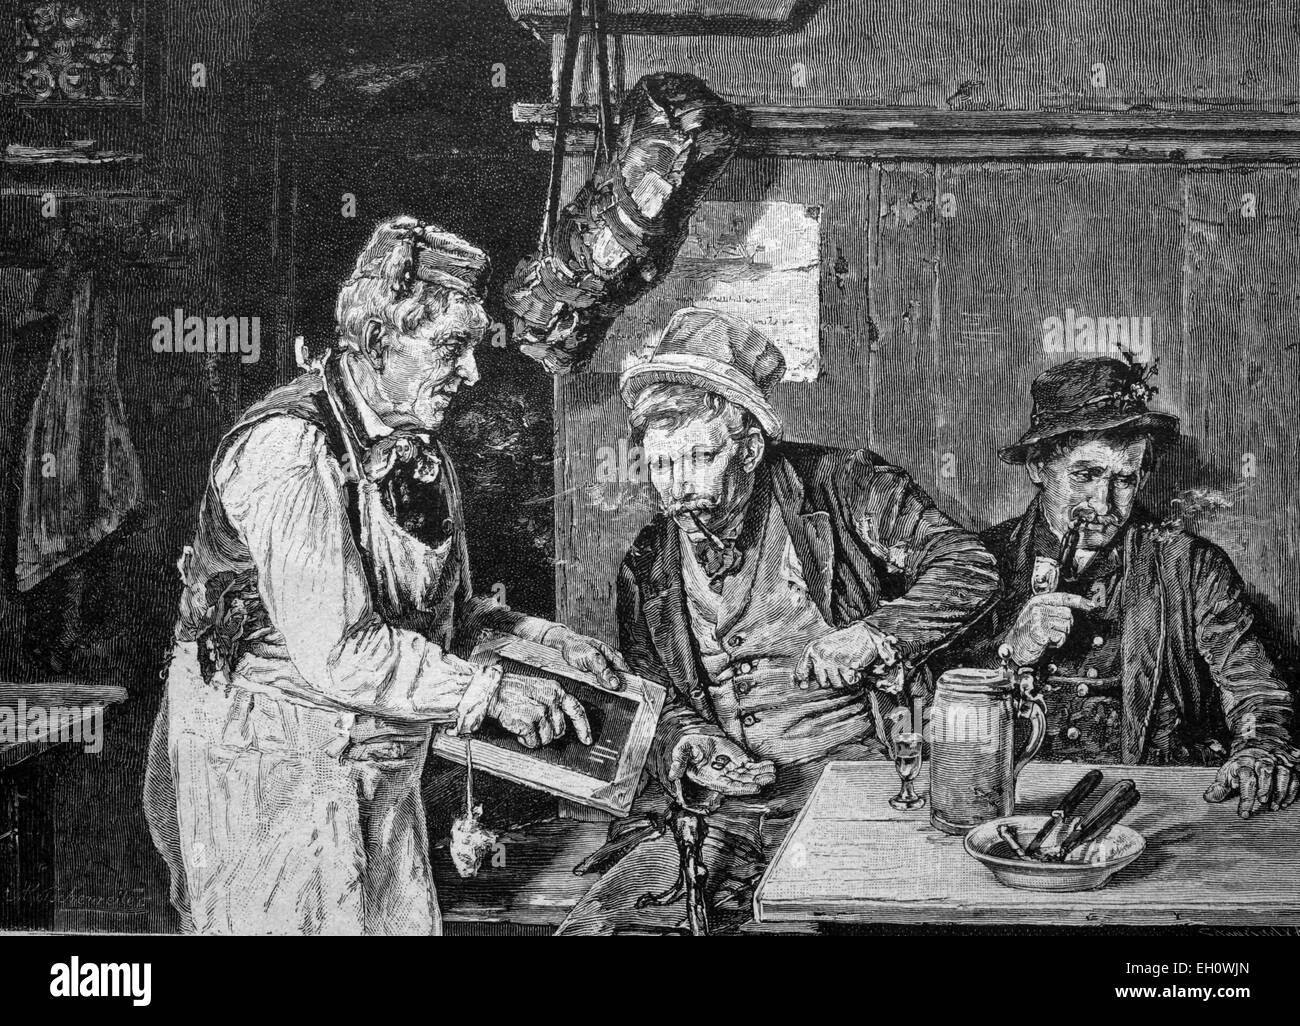 Beber compañeros pagando sus deudas, ilustración histórica, circa 1886 Imagen De Stock